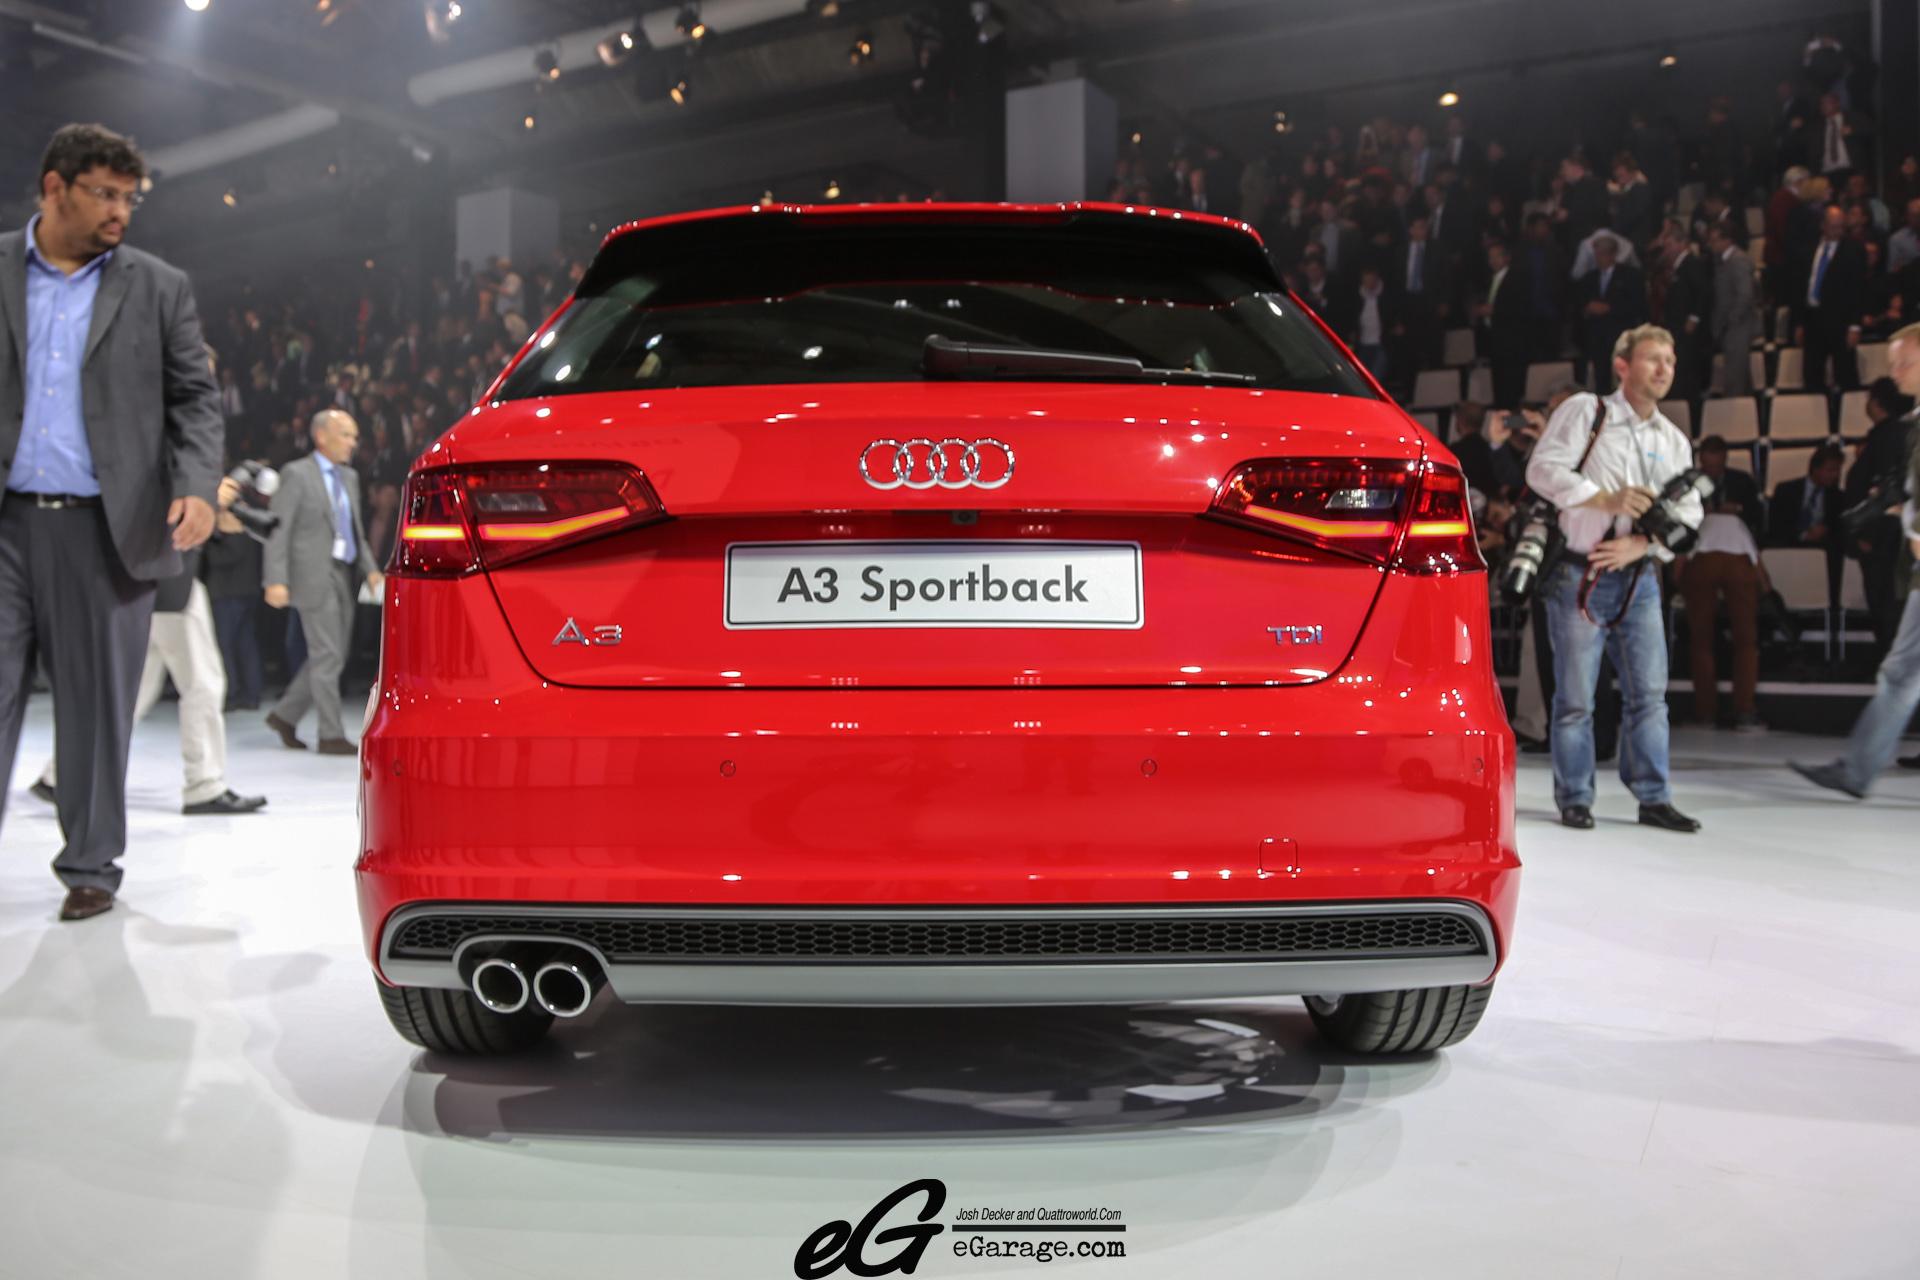 8030378220 c3581f1476 o 2012 Paris Motor Show